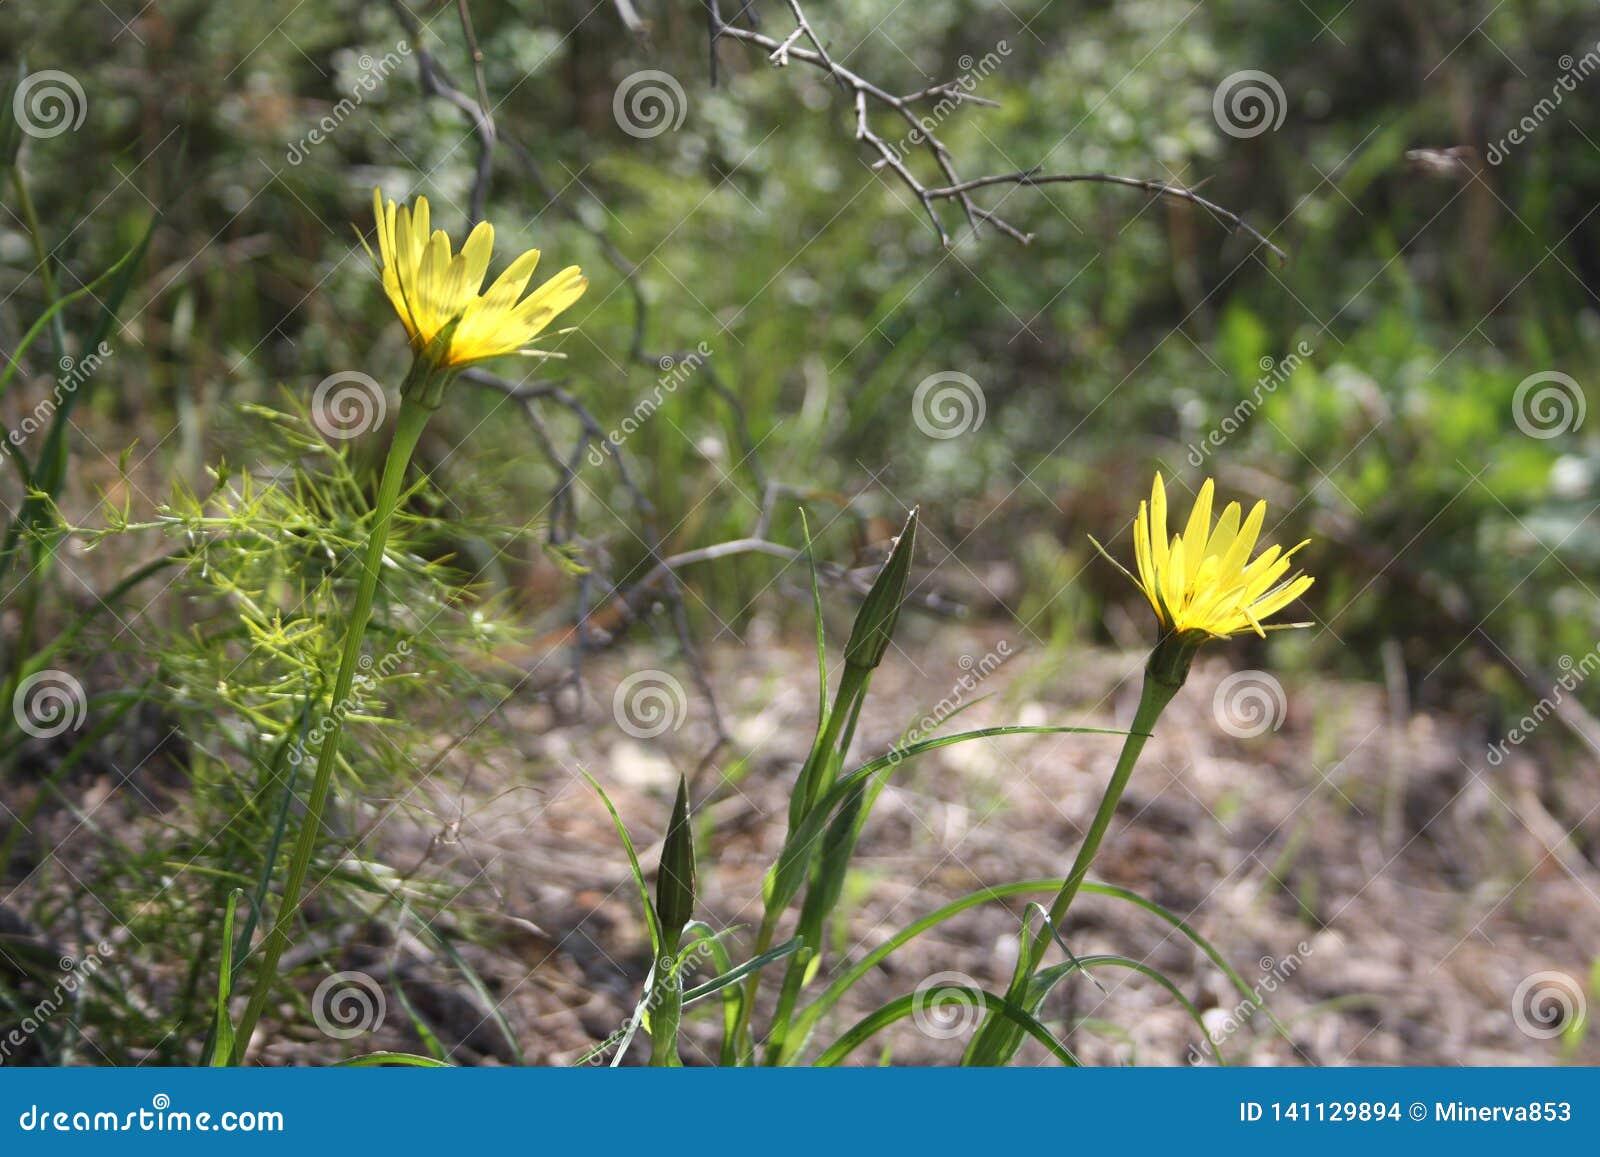 水兰属的植物黄色象蒲公英的花 4月上旬森林花